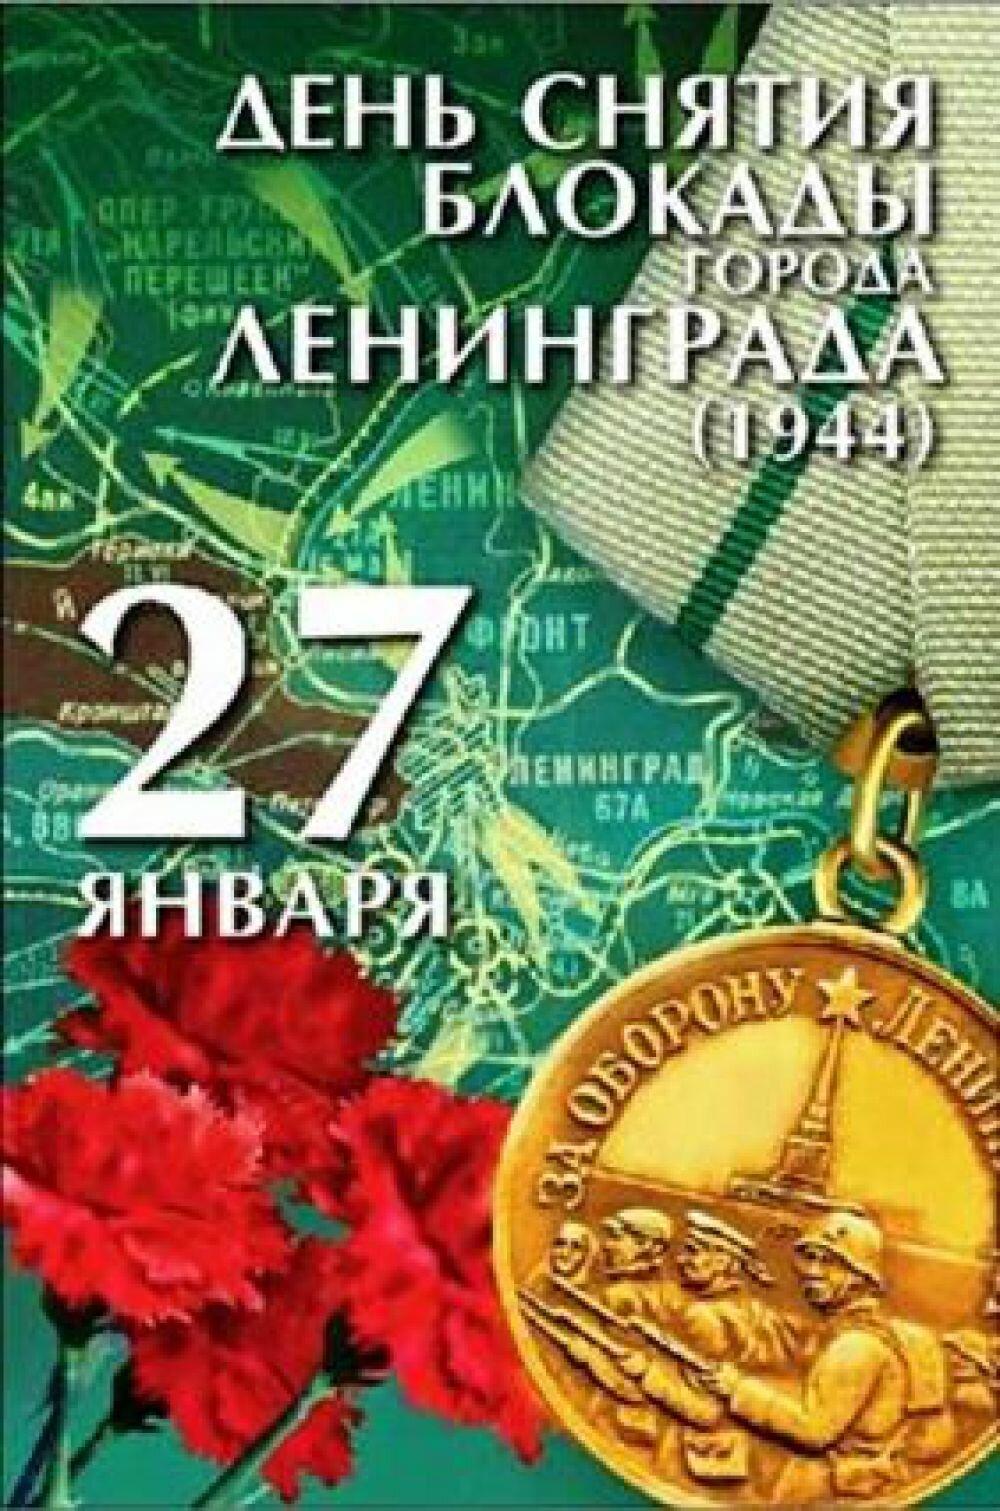 Картинки с снятием блокады ленинграда, открытки